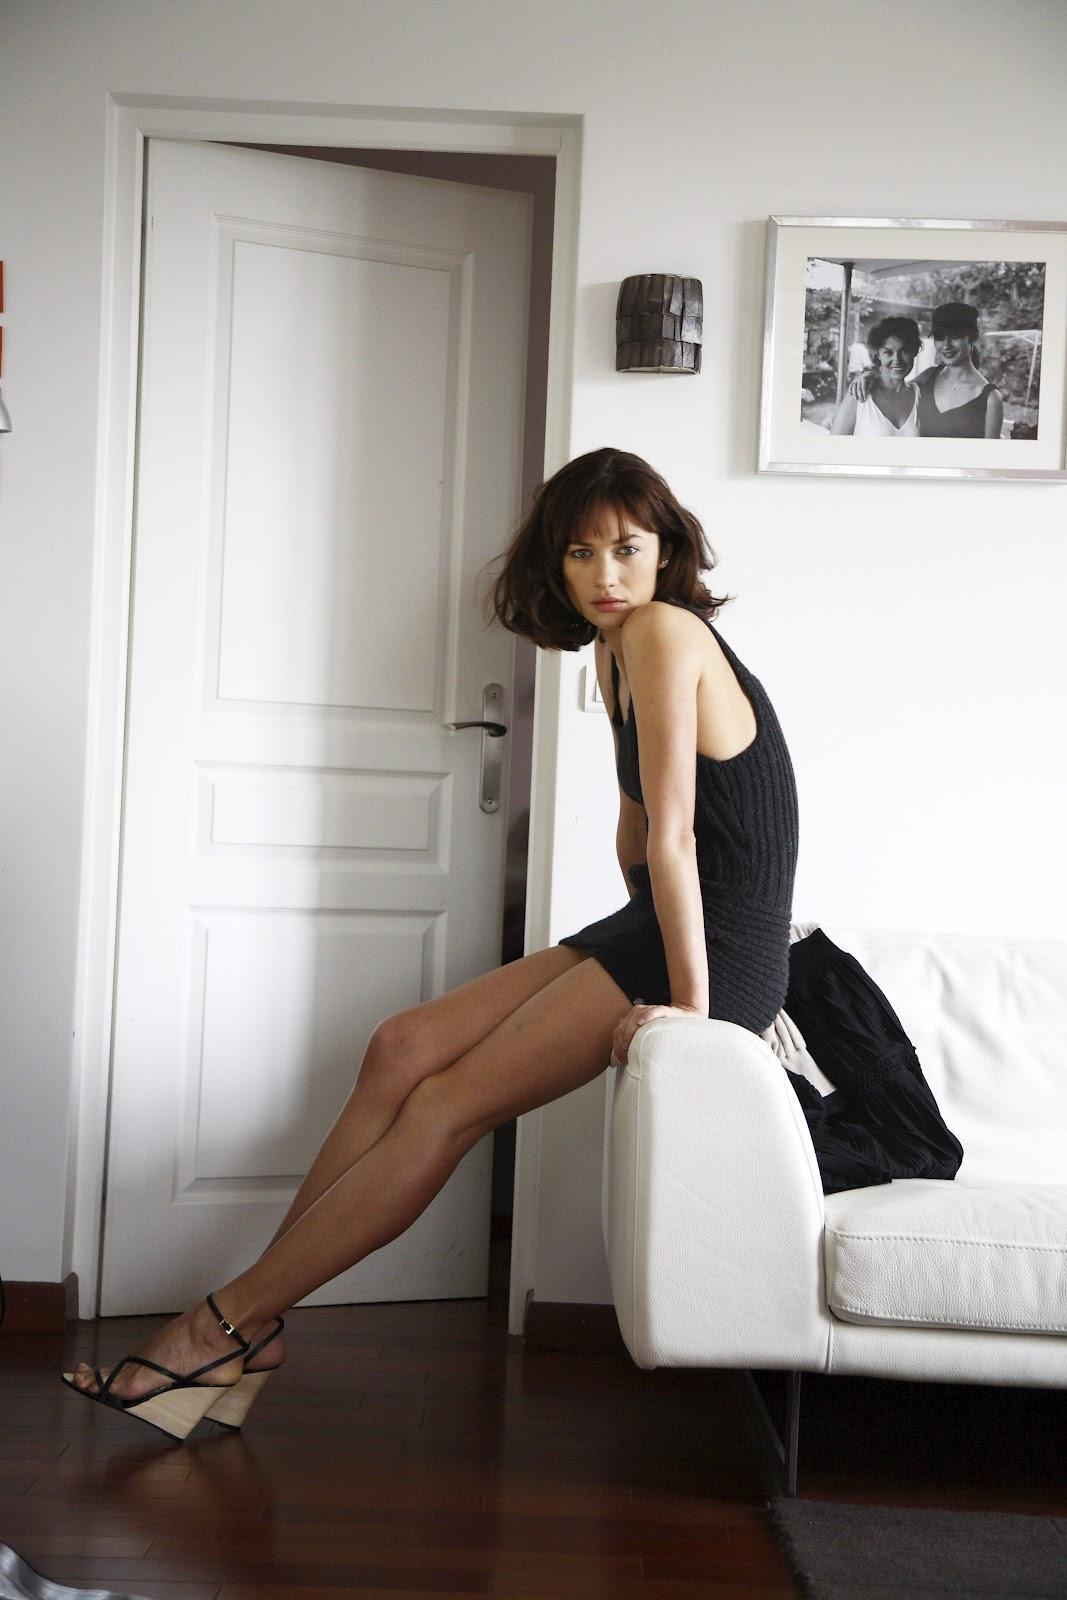 Olga Kurylenko | Celebrity Pictures Olga Kurylenko